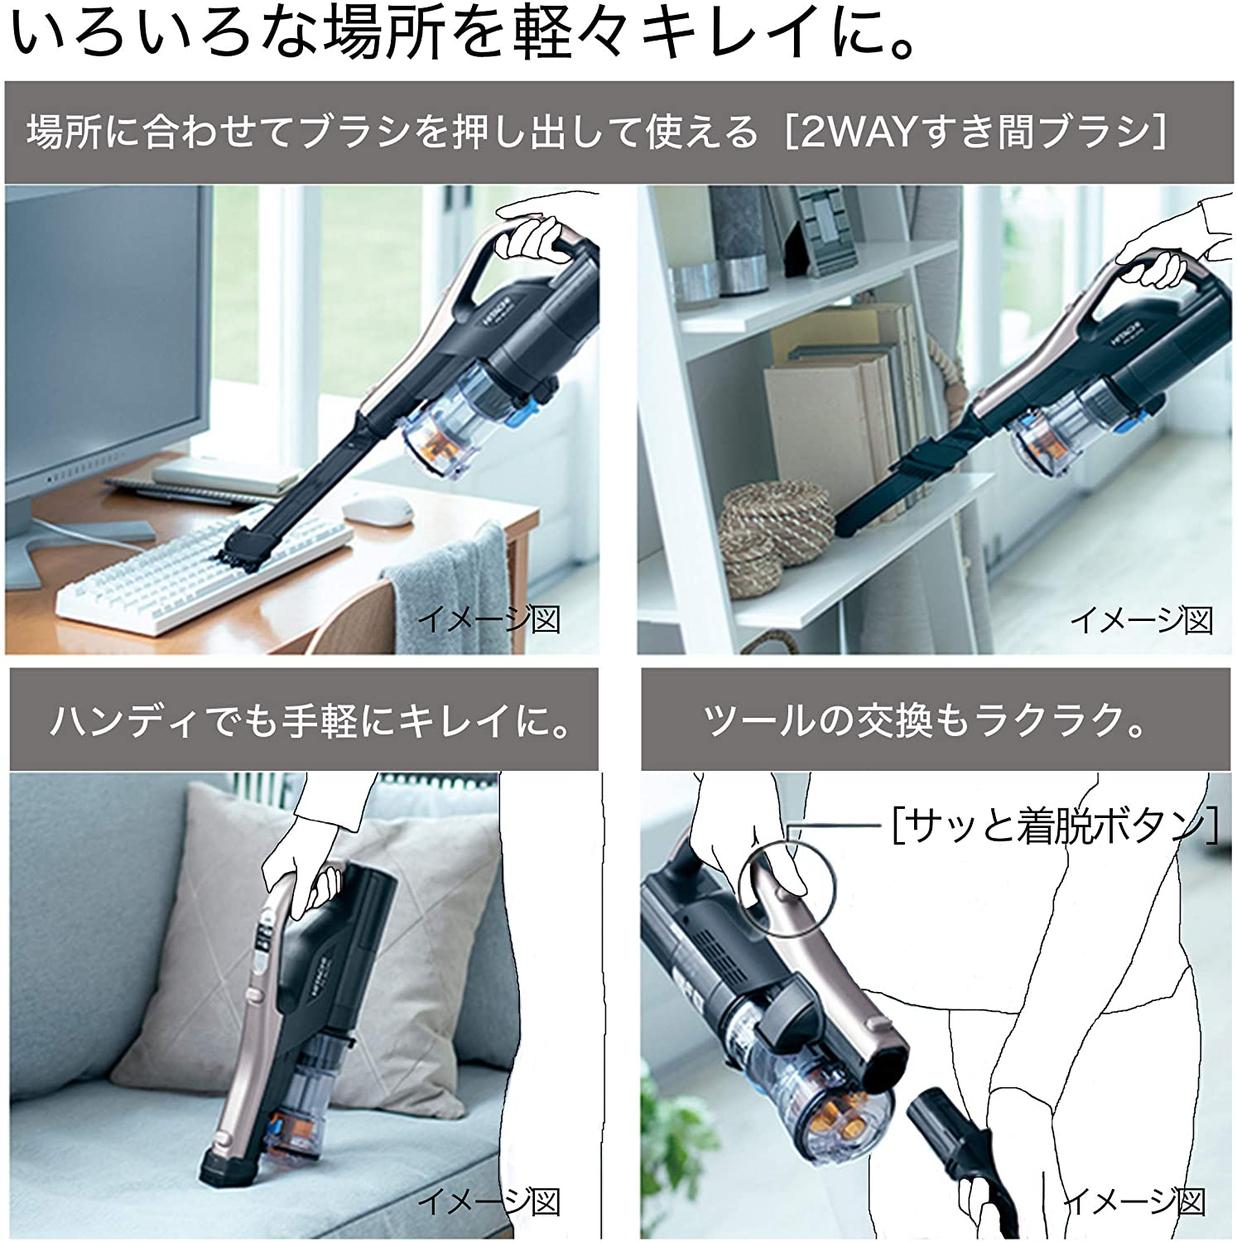 日立(HITACHI) ラクかるスティック PV-BL20Gの商品画像7